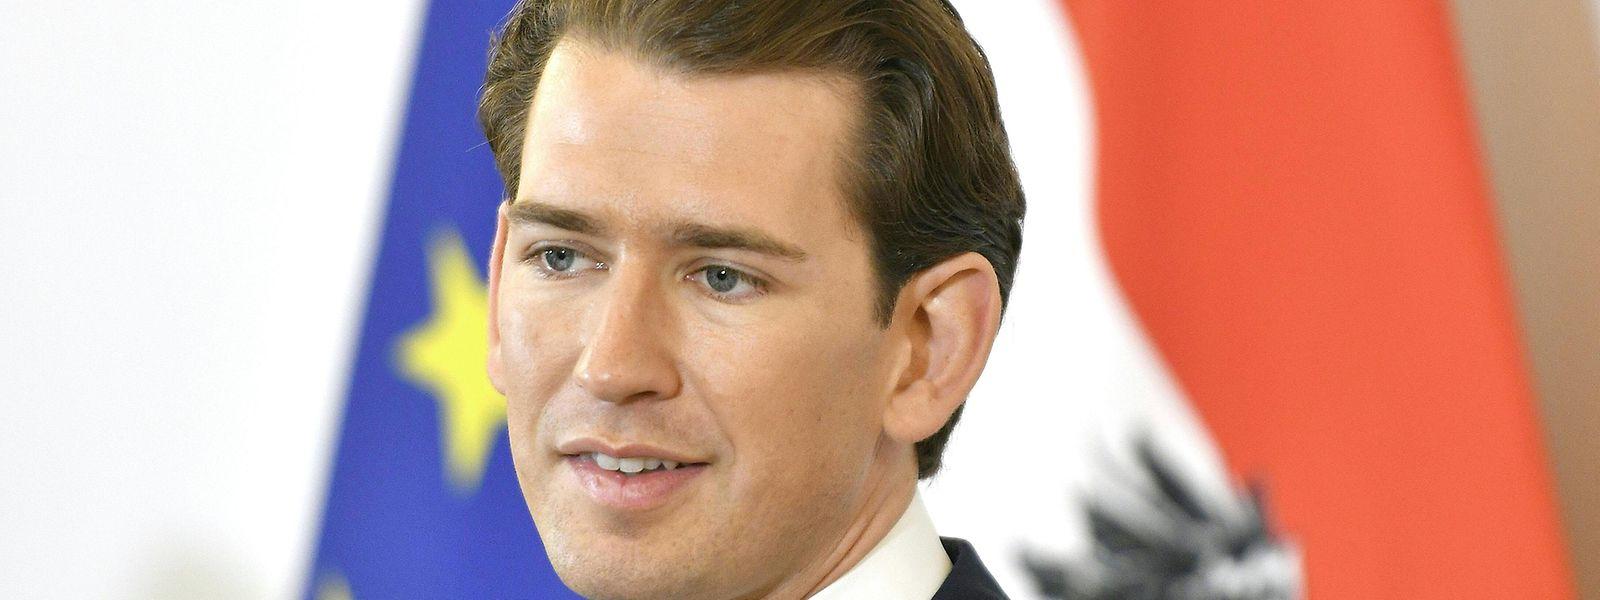 Sebastian Kurz (ÖVP) ist auch nach dem Ibiza-Video und dem Bruch der rechtskonservativen Regierung in der Bevölkerung weiterhin sehr beliebt.